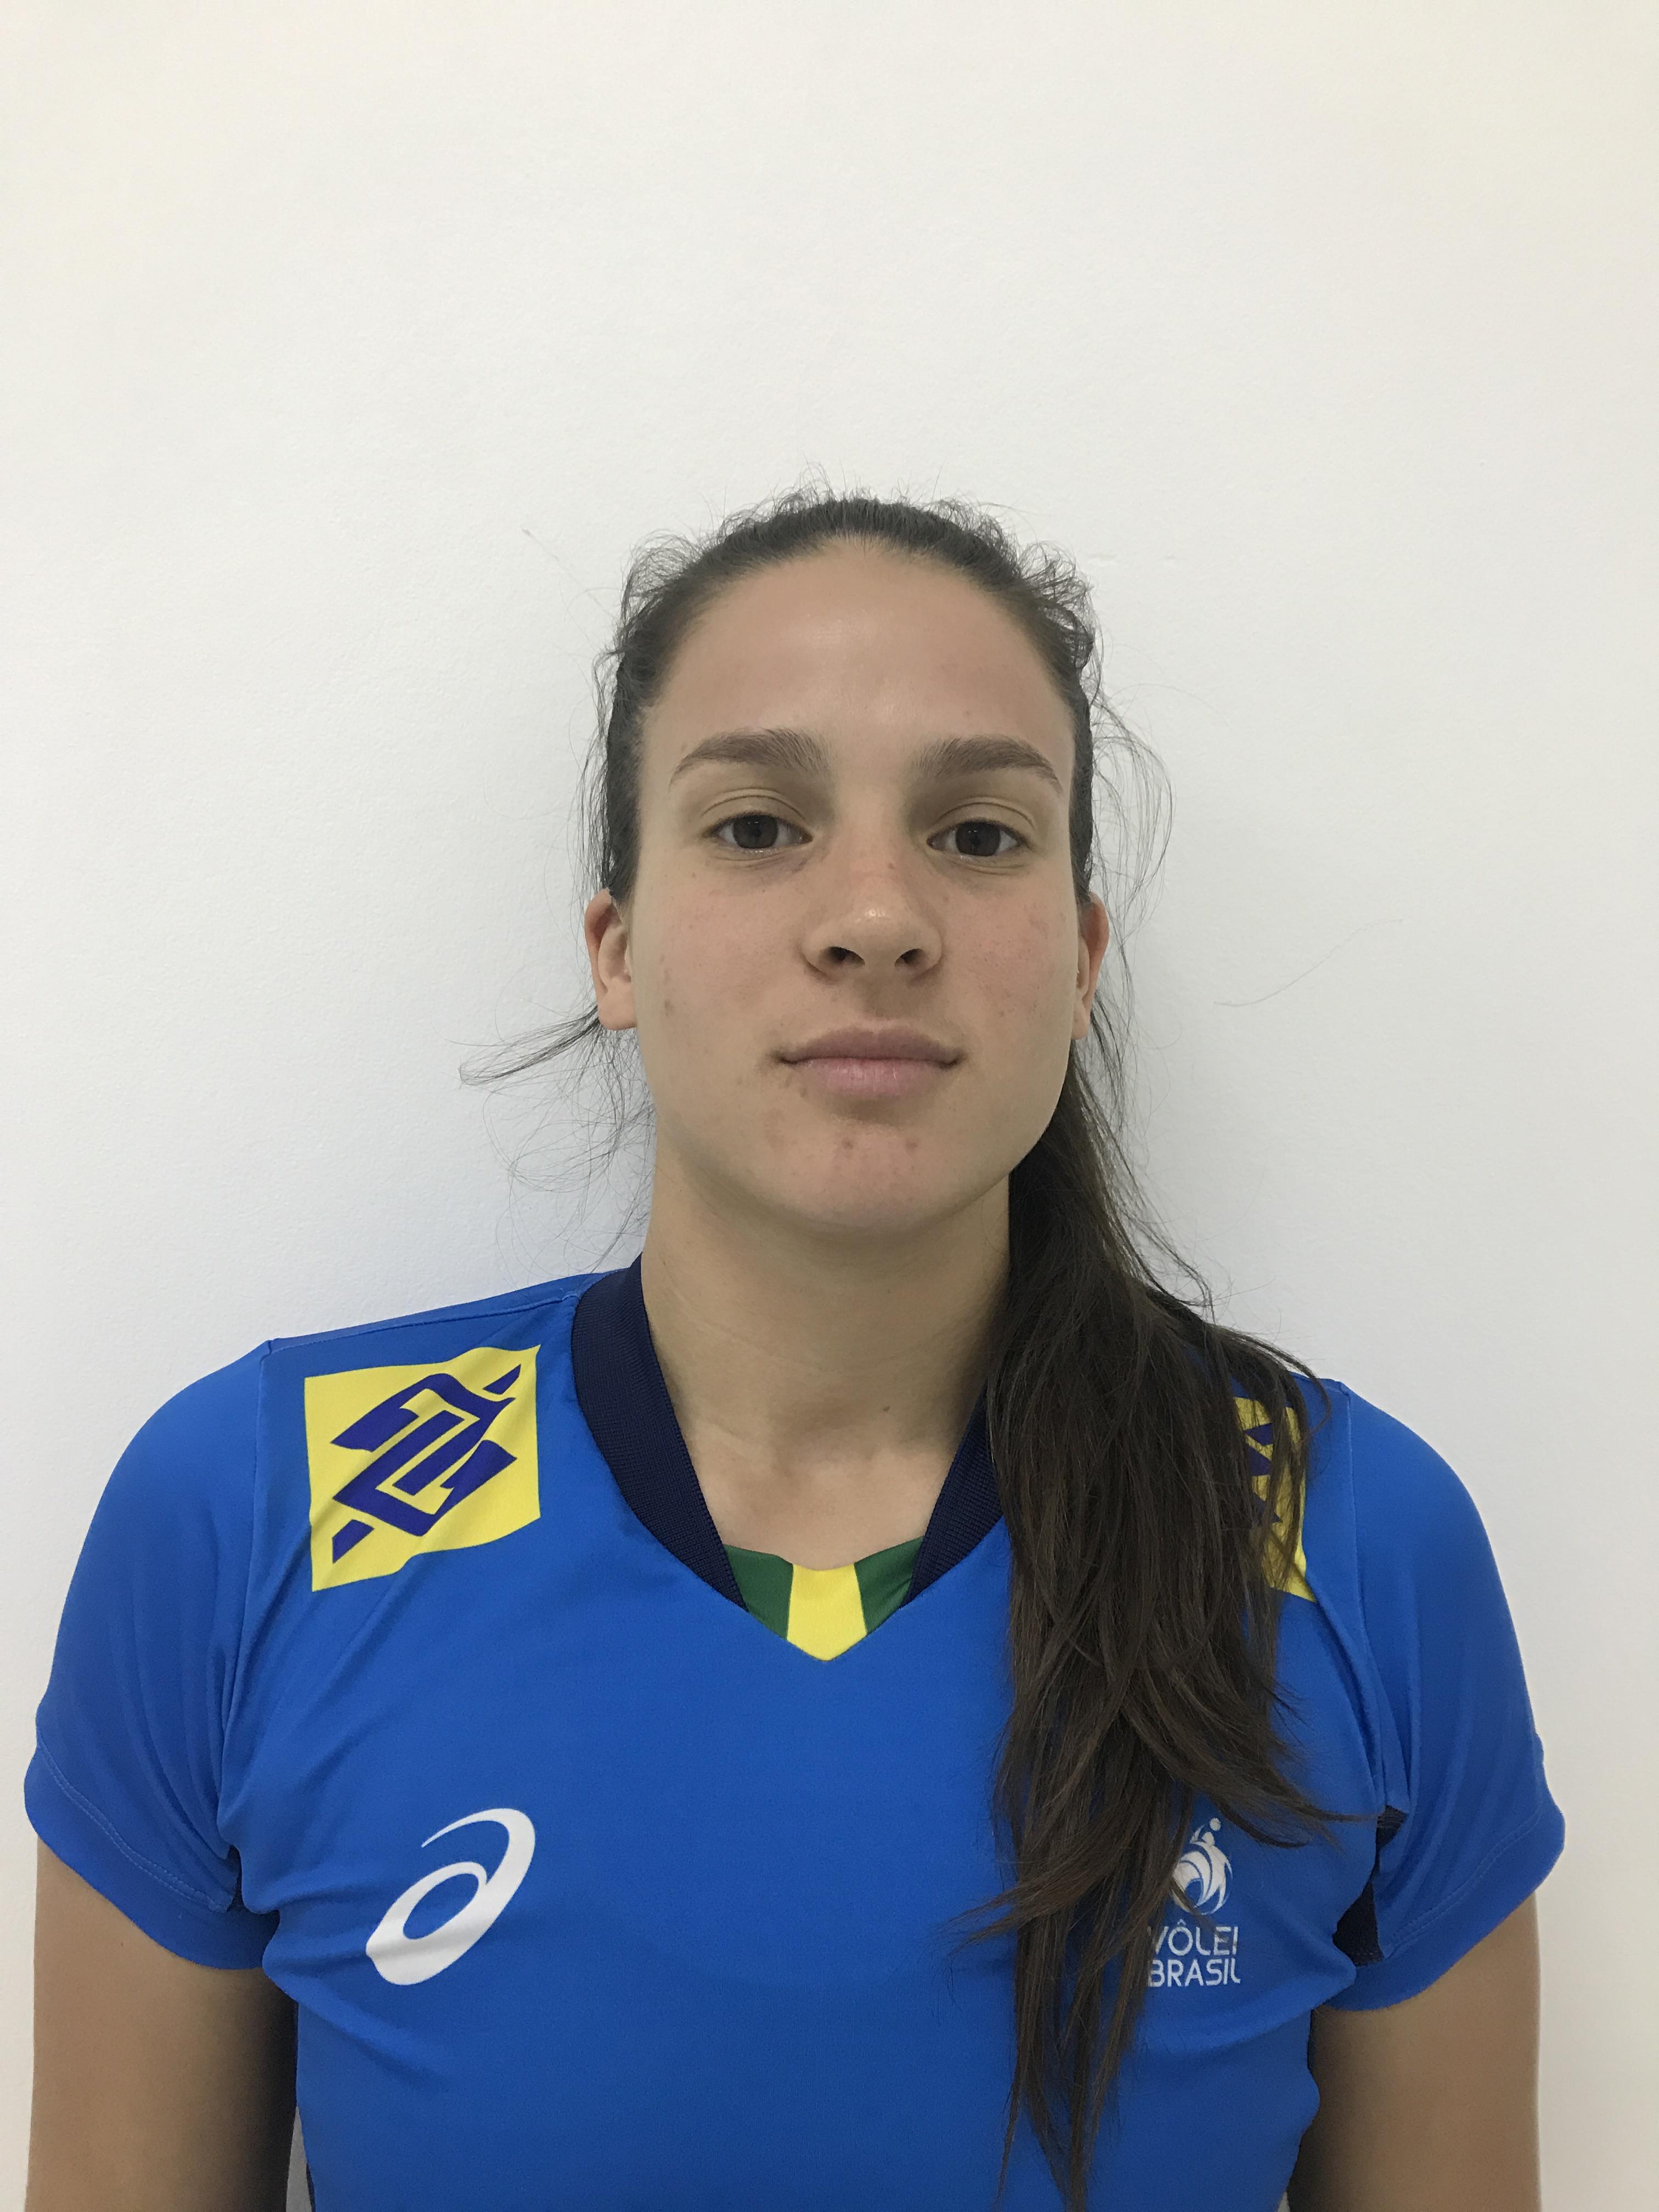 Bruna Costa